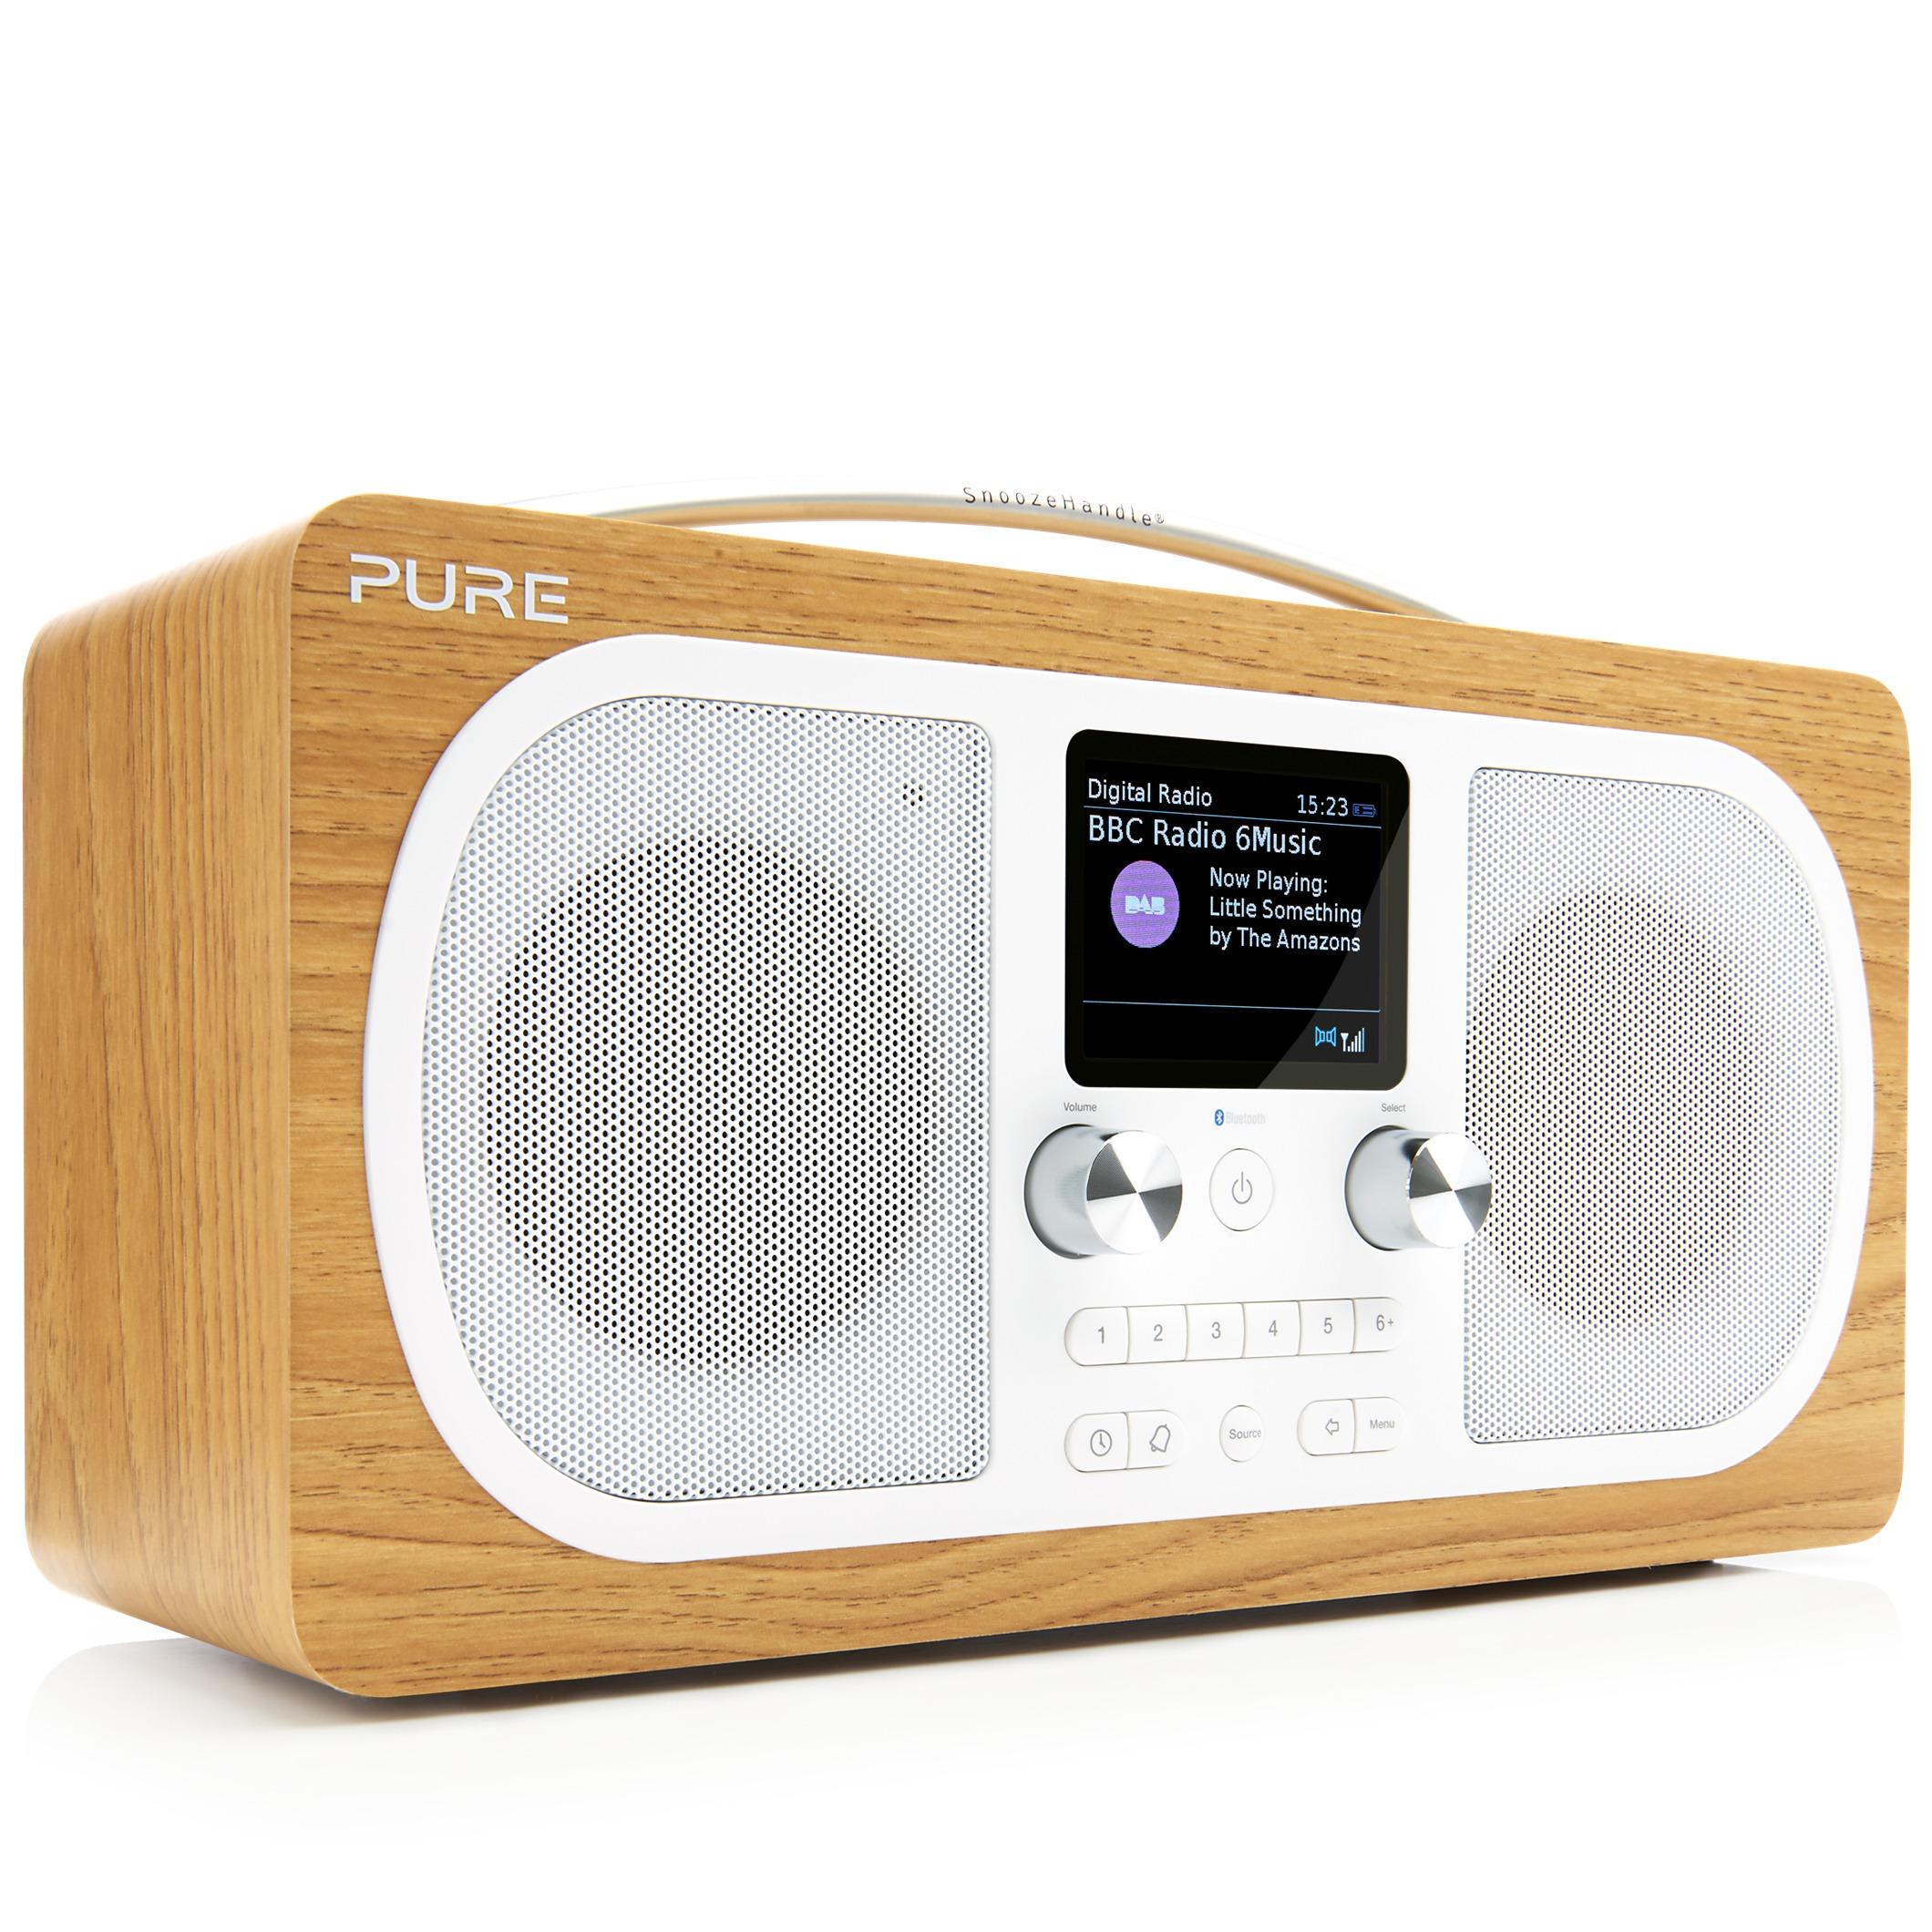 Op Perfect Plasma is alles over beeld | geluid te vinden: waaronder expert en specifiek Pure EVOKE H6 DAB radio Bruin